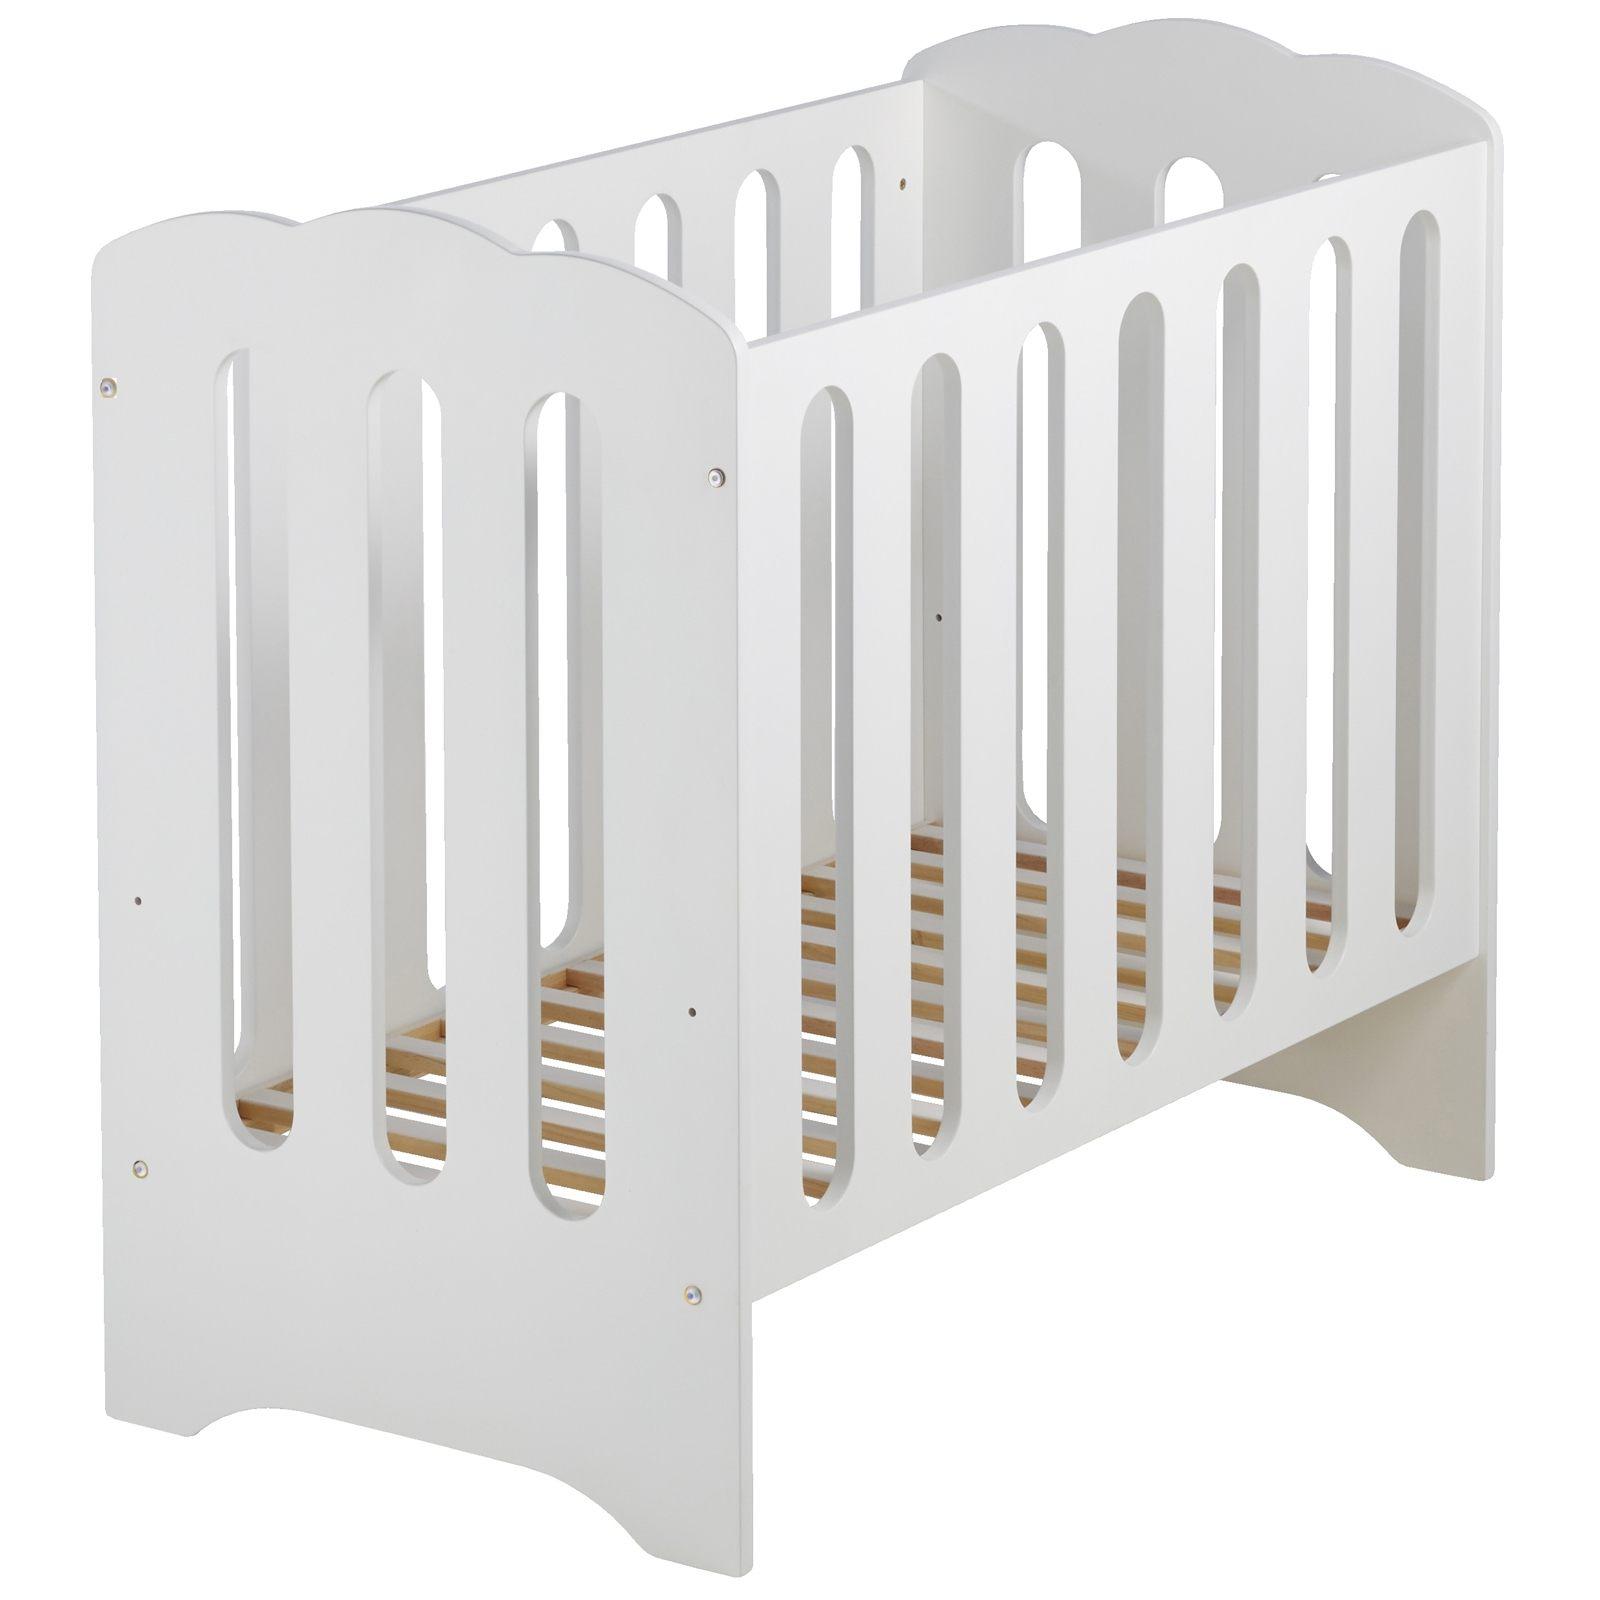 Lit Enfant 140x70 Meilleur De Domiva Deco Chambre Bebe & Mobilier